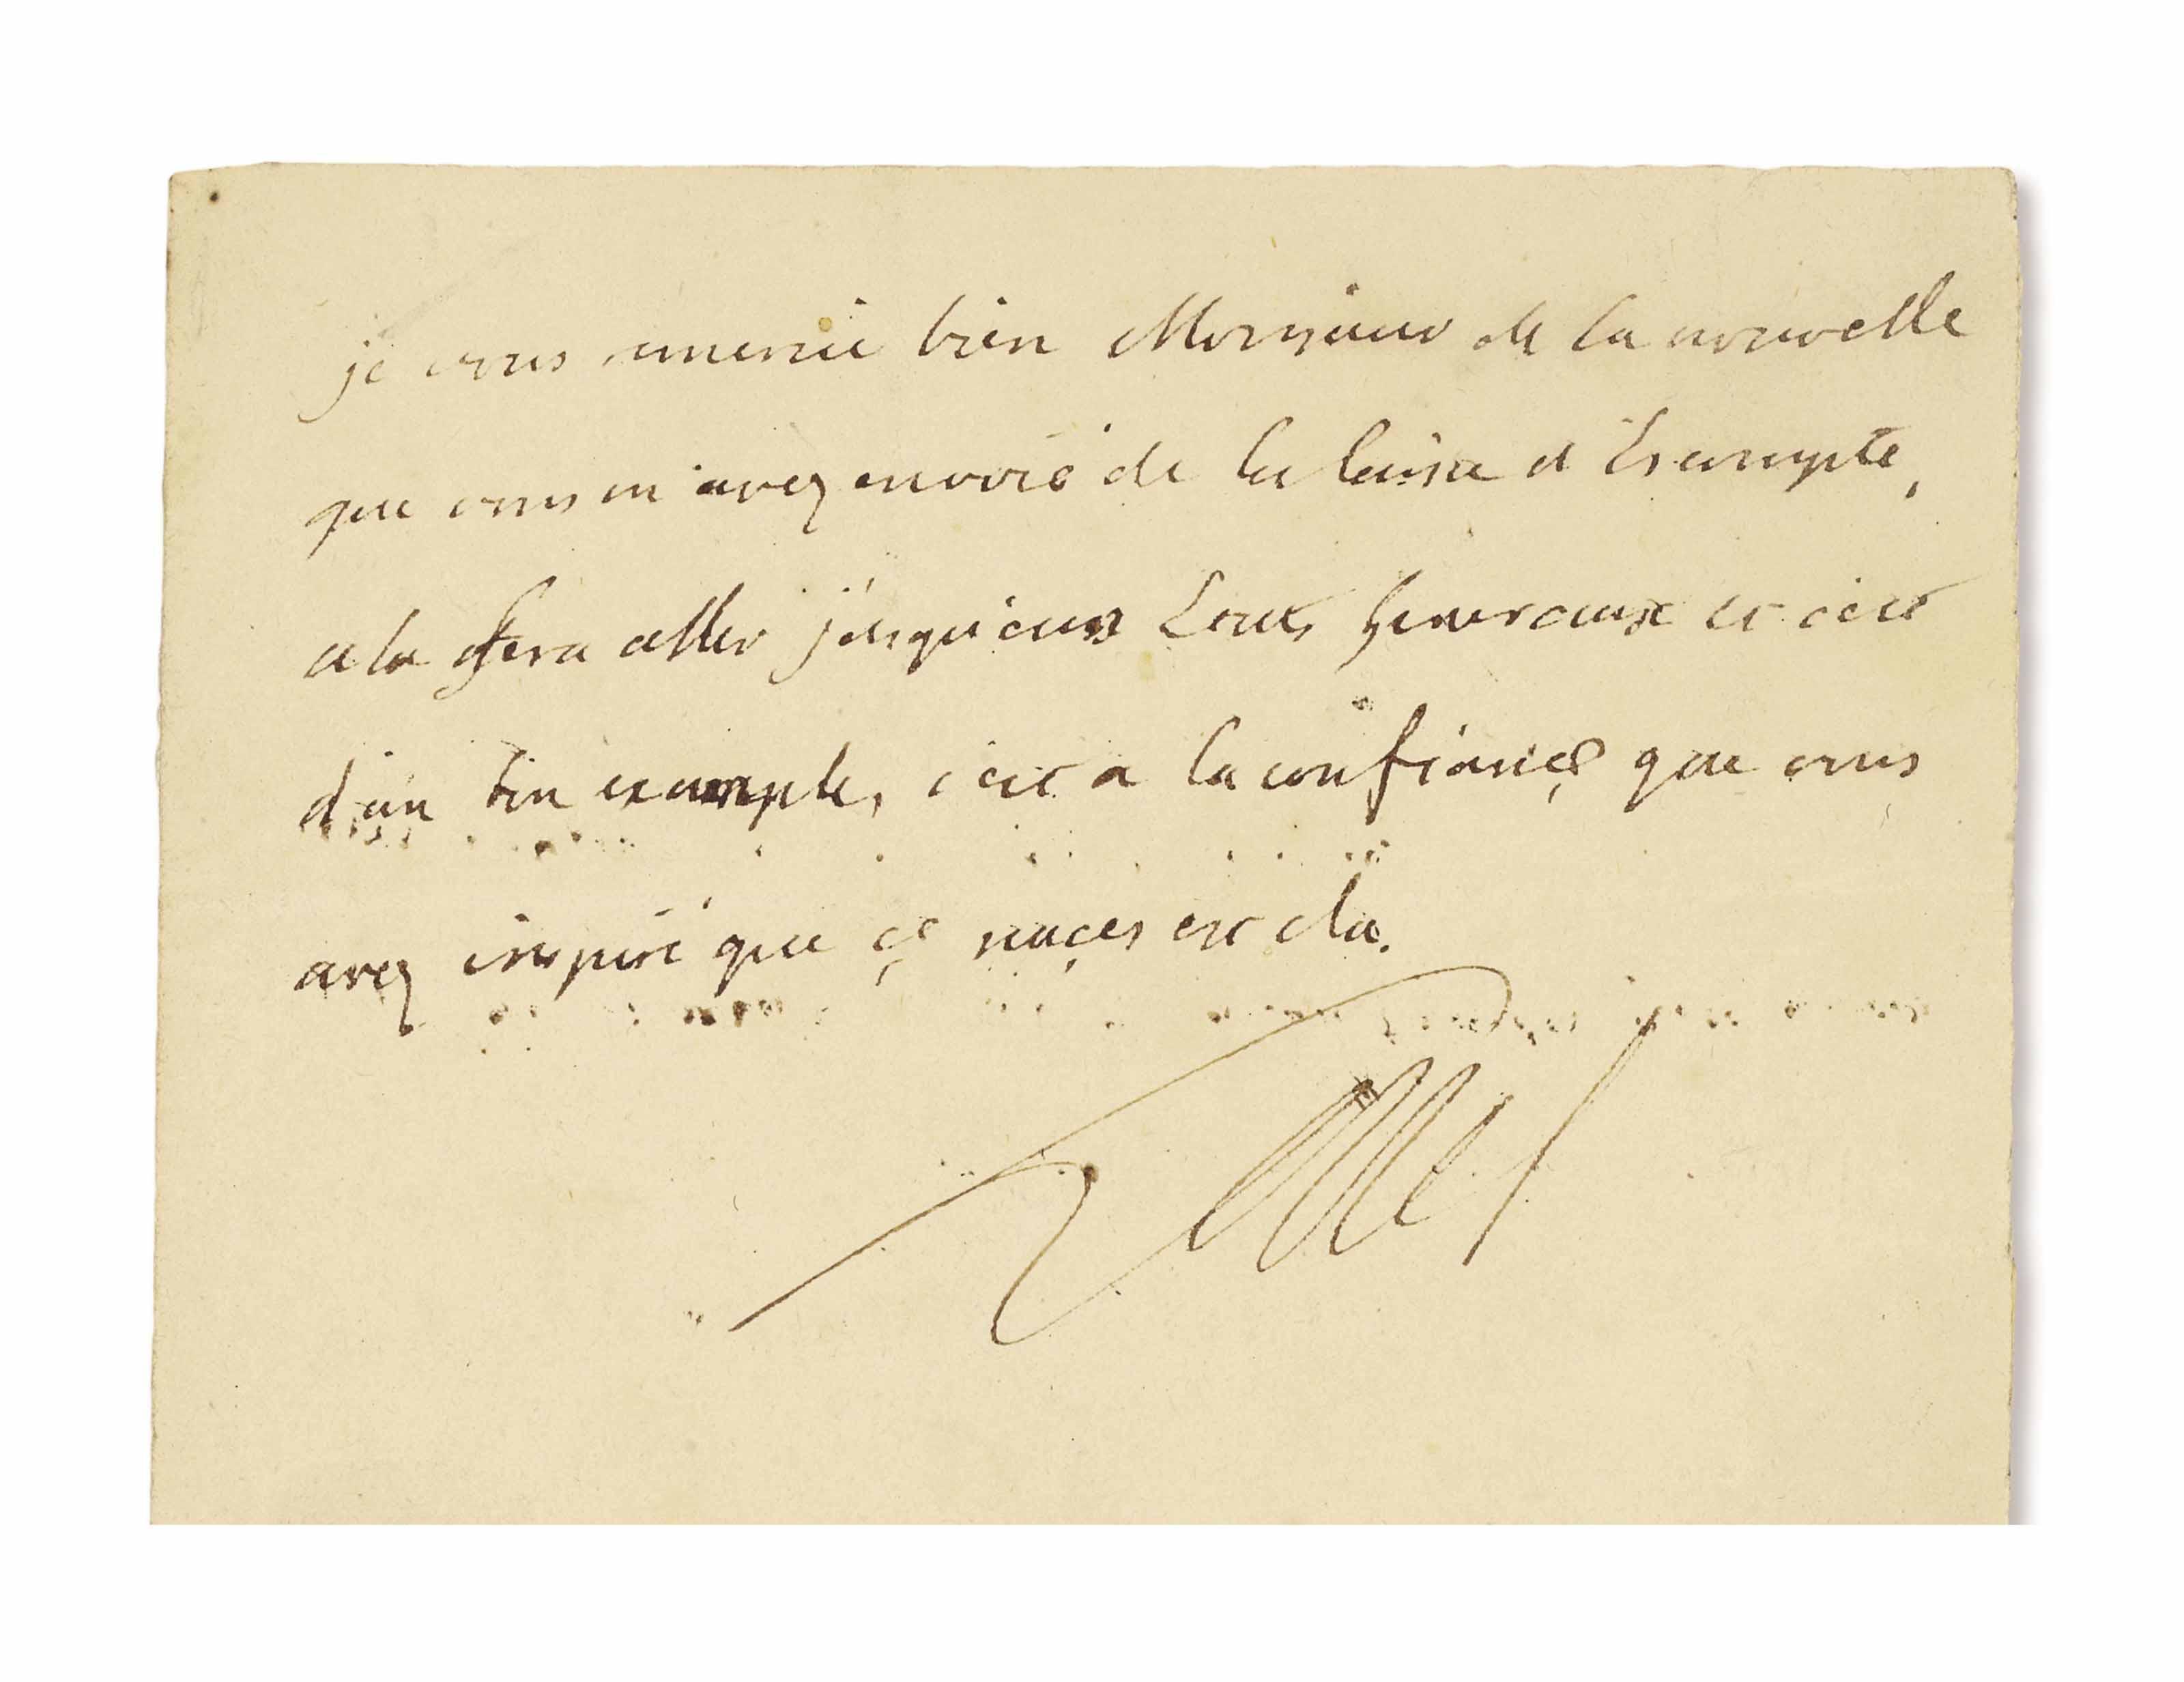 LOUIS XVI (1754-1793). Lettre autographe signée « Louis » adressée à Necker. Sans date [automne 1788 ?]. Demi-page in-8 (180 x 115 mm). À l'encre brune sur un double feuillet de papier vergé à la couronne, suscription autographe au verso, trace de cachet de cire noire.